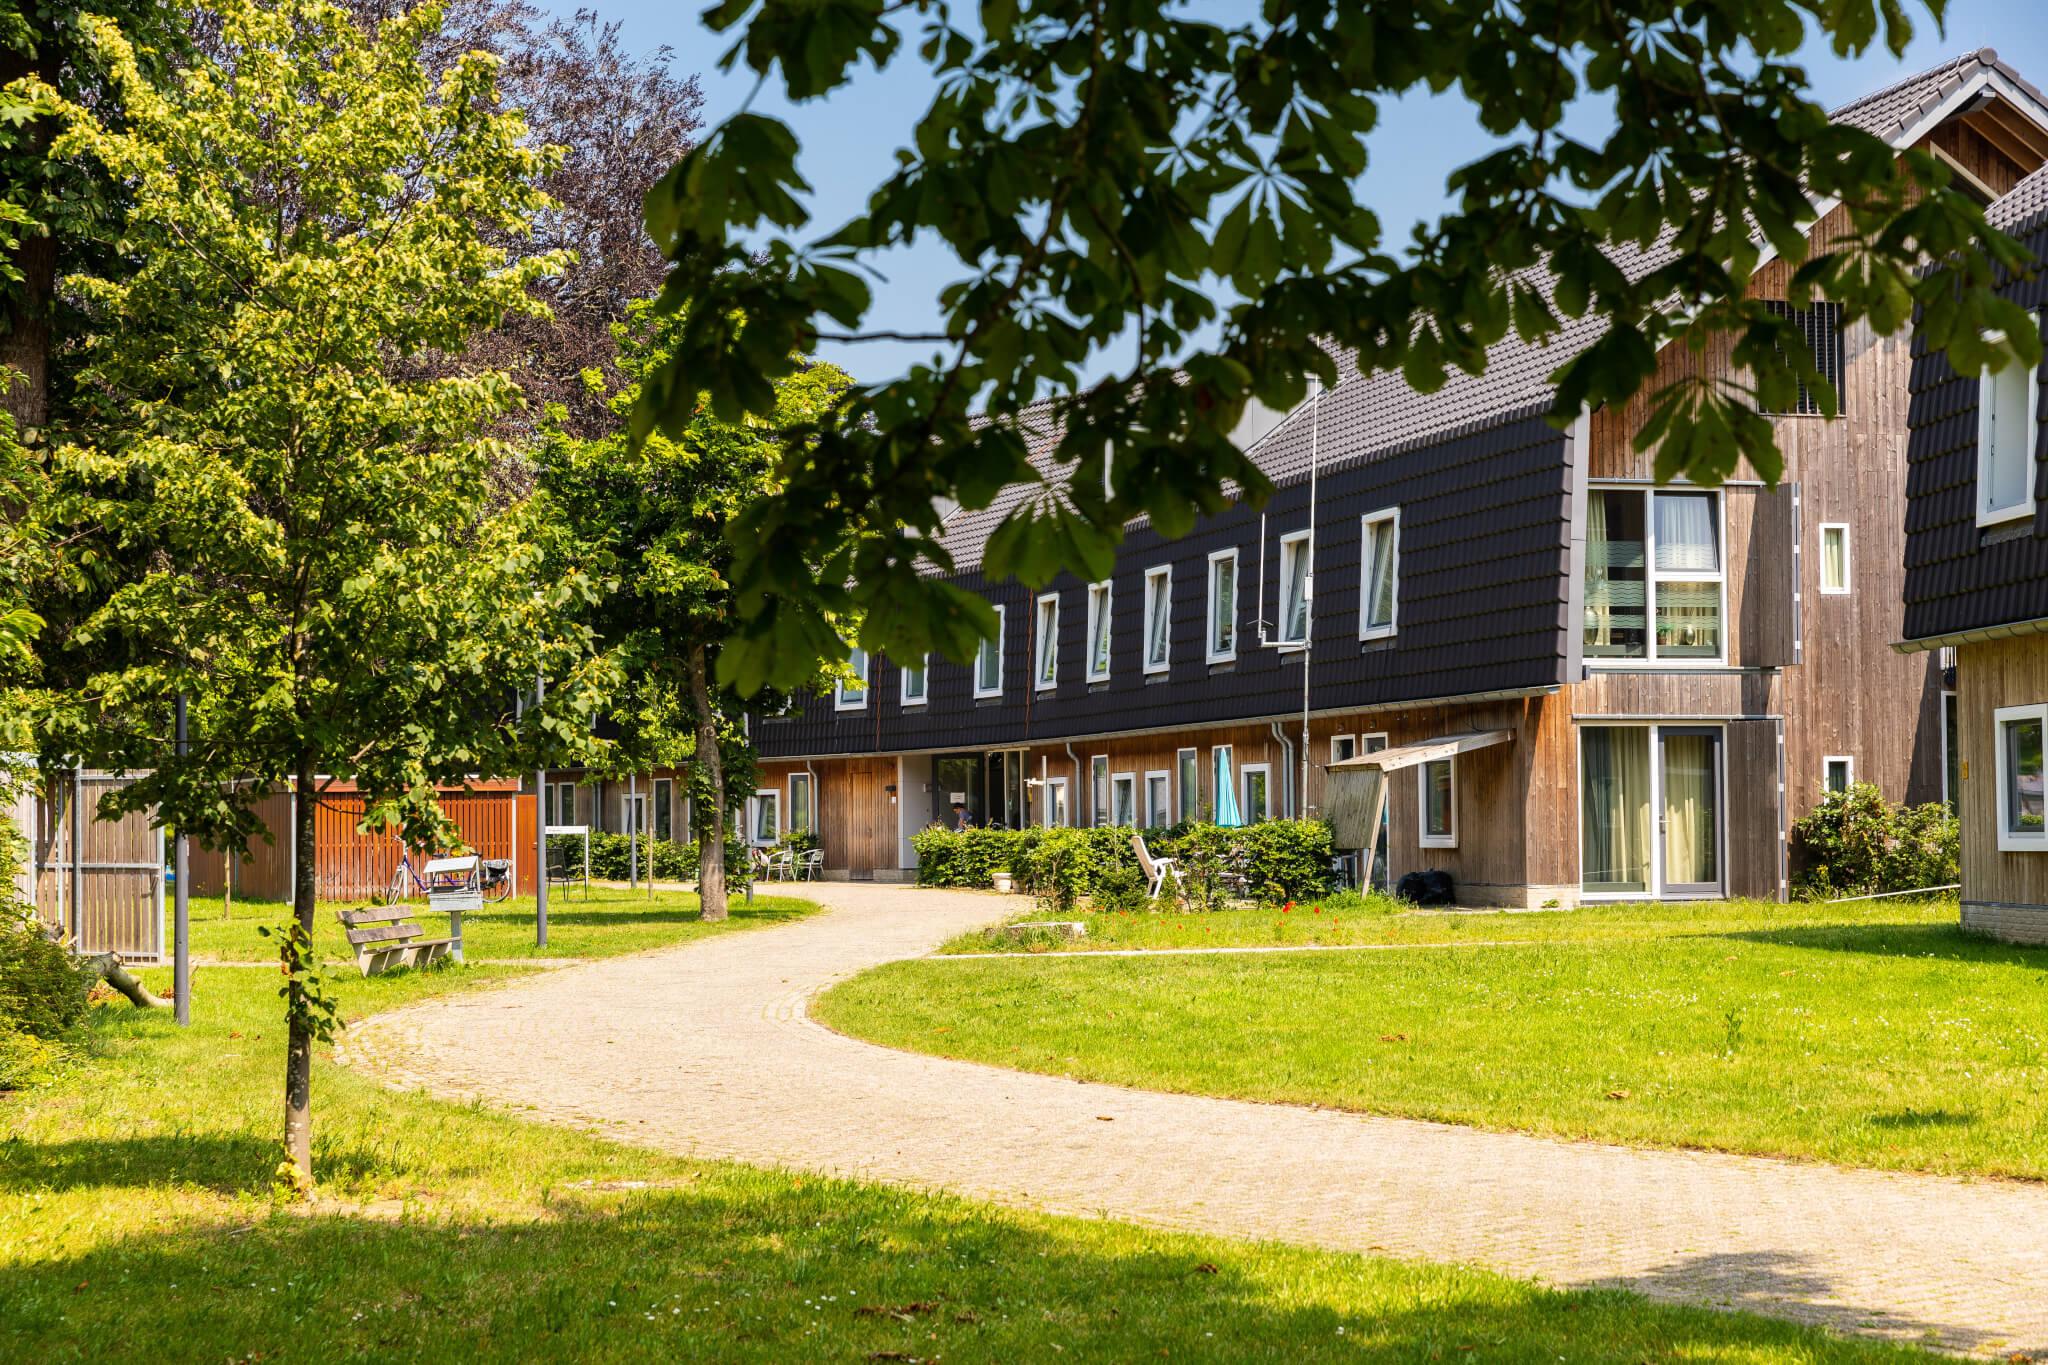 Trajectum, Eibergen